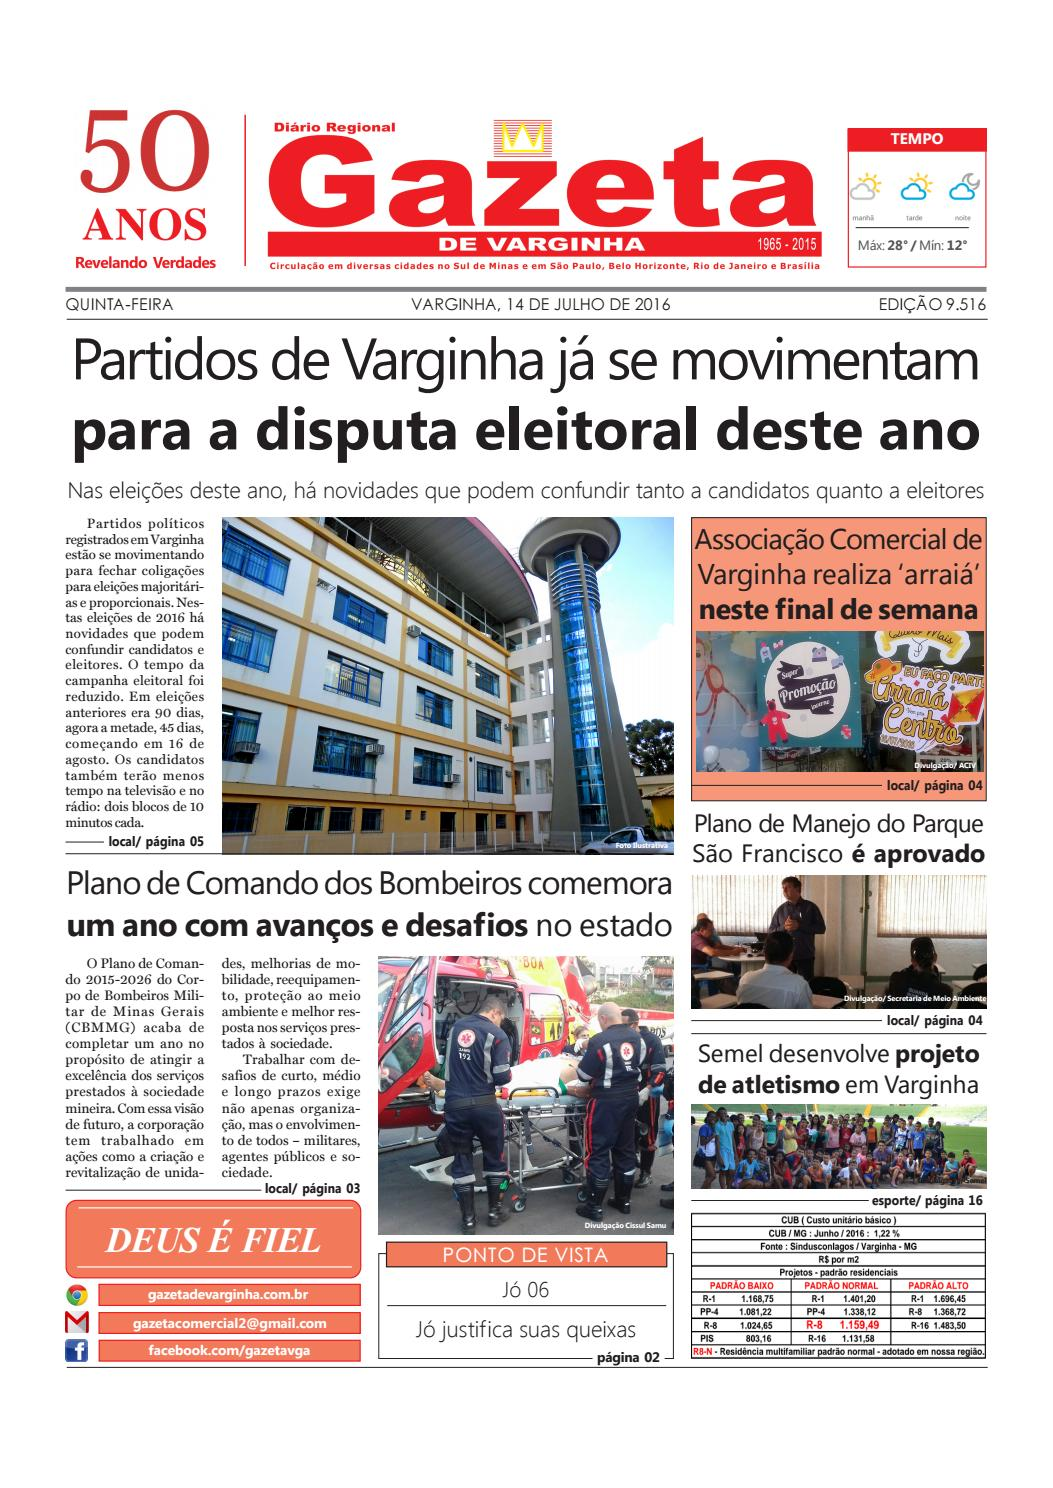 Jornal Gazeta de Varginha 14 07 2016 by Gazeta de Varginha - issuu 25c46ecefc